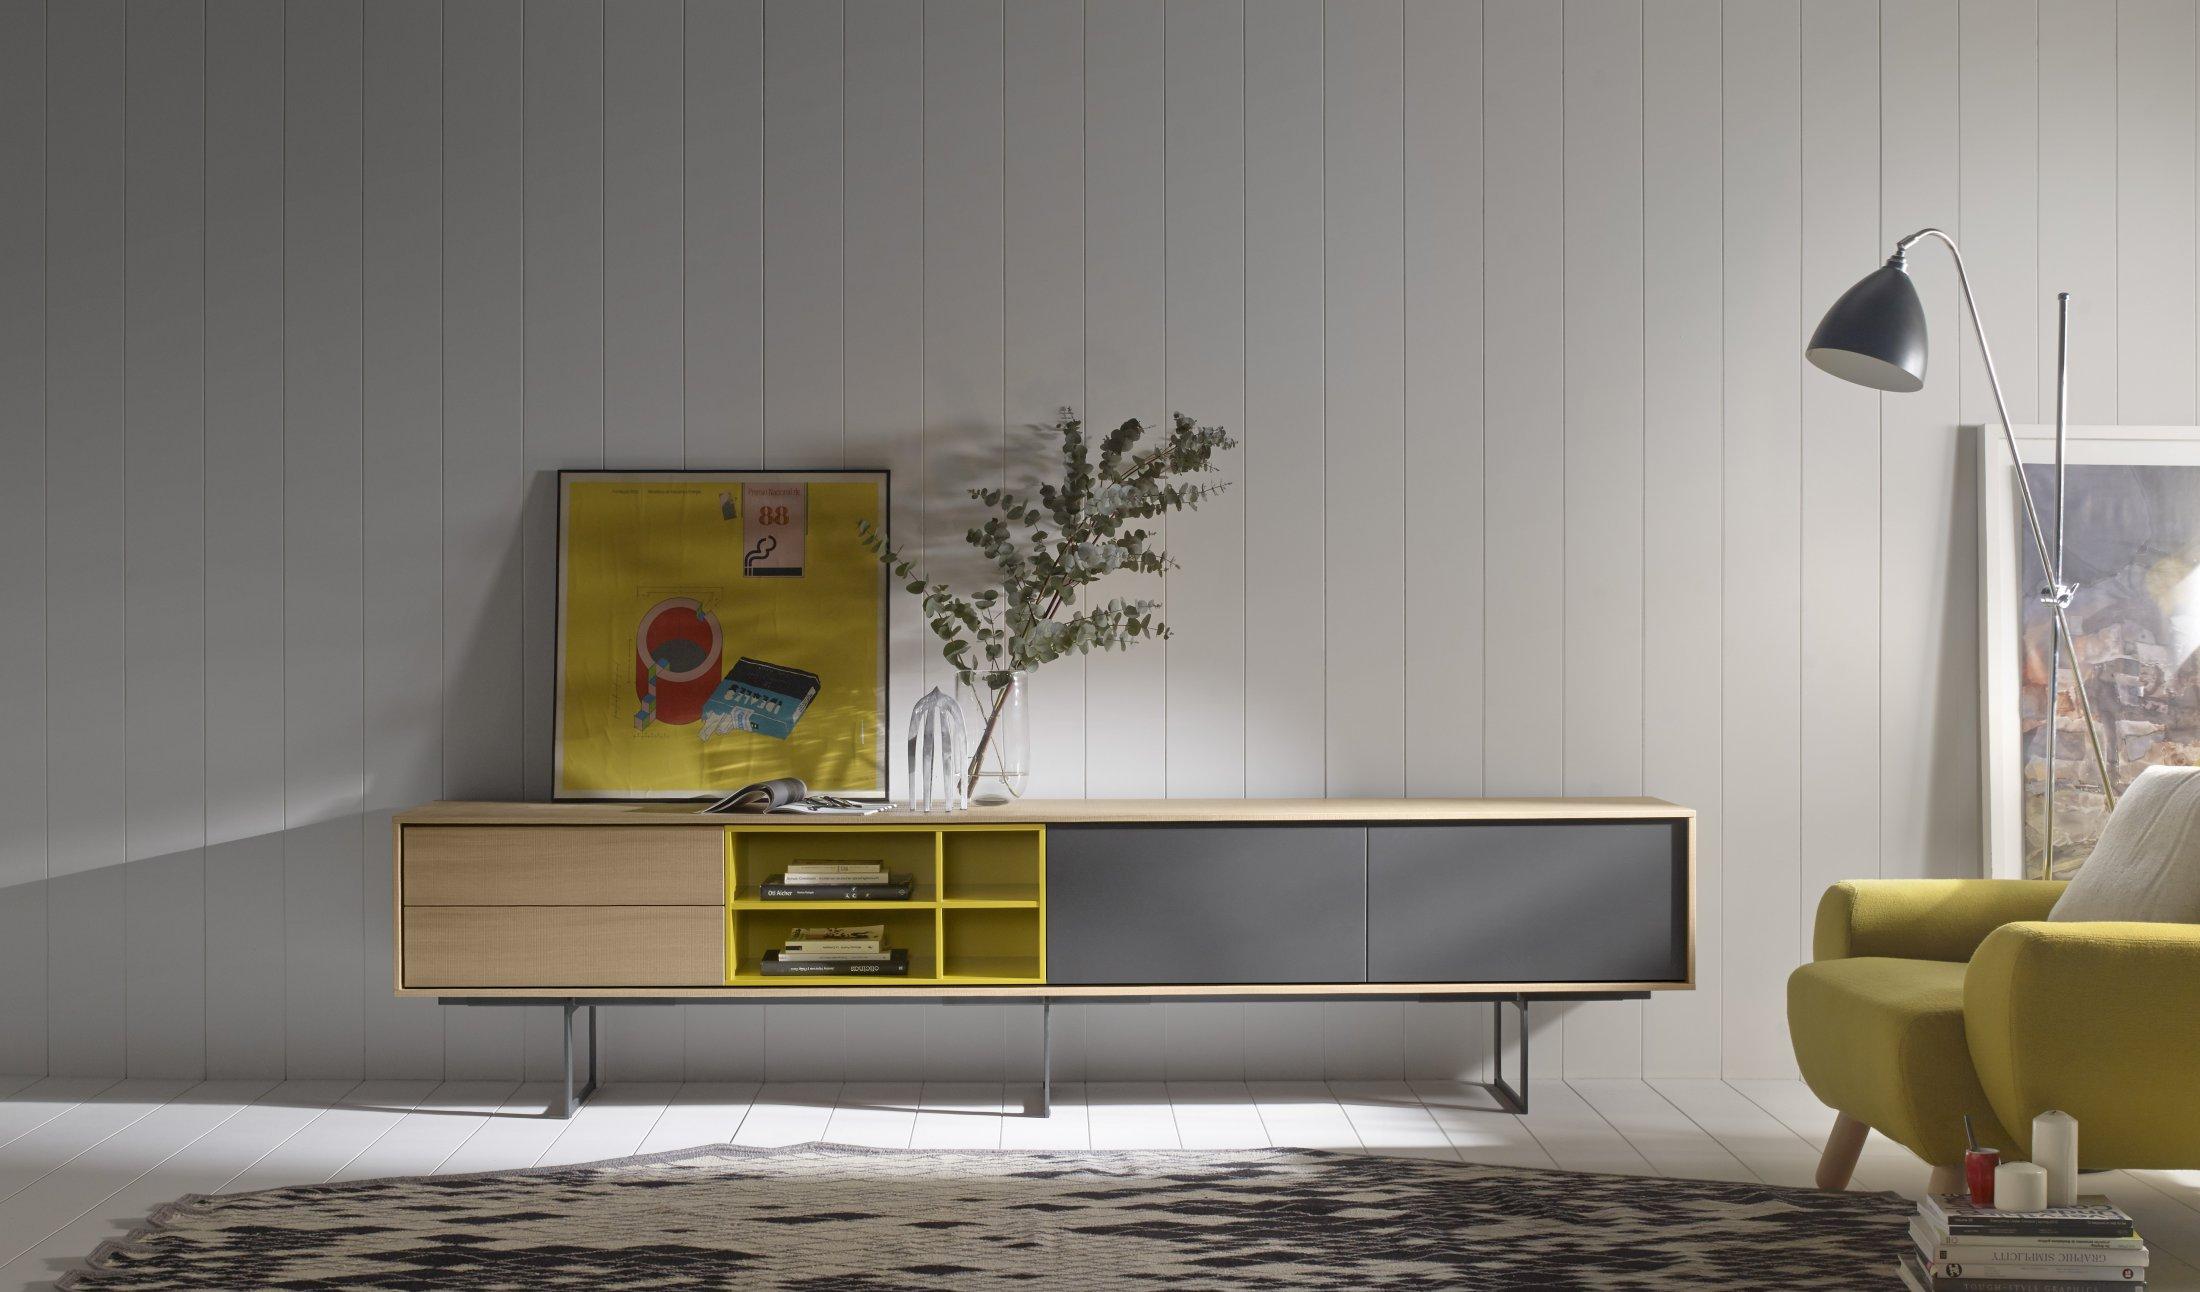 Marcas espa olas punteras en mobiliario de dise o blog for Marca muebles diseno